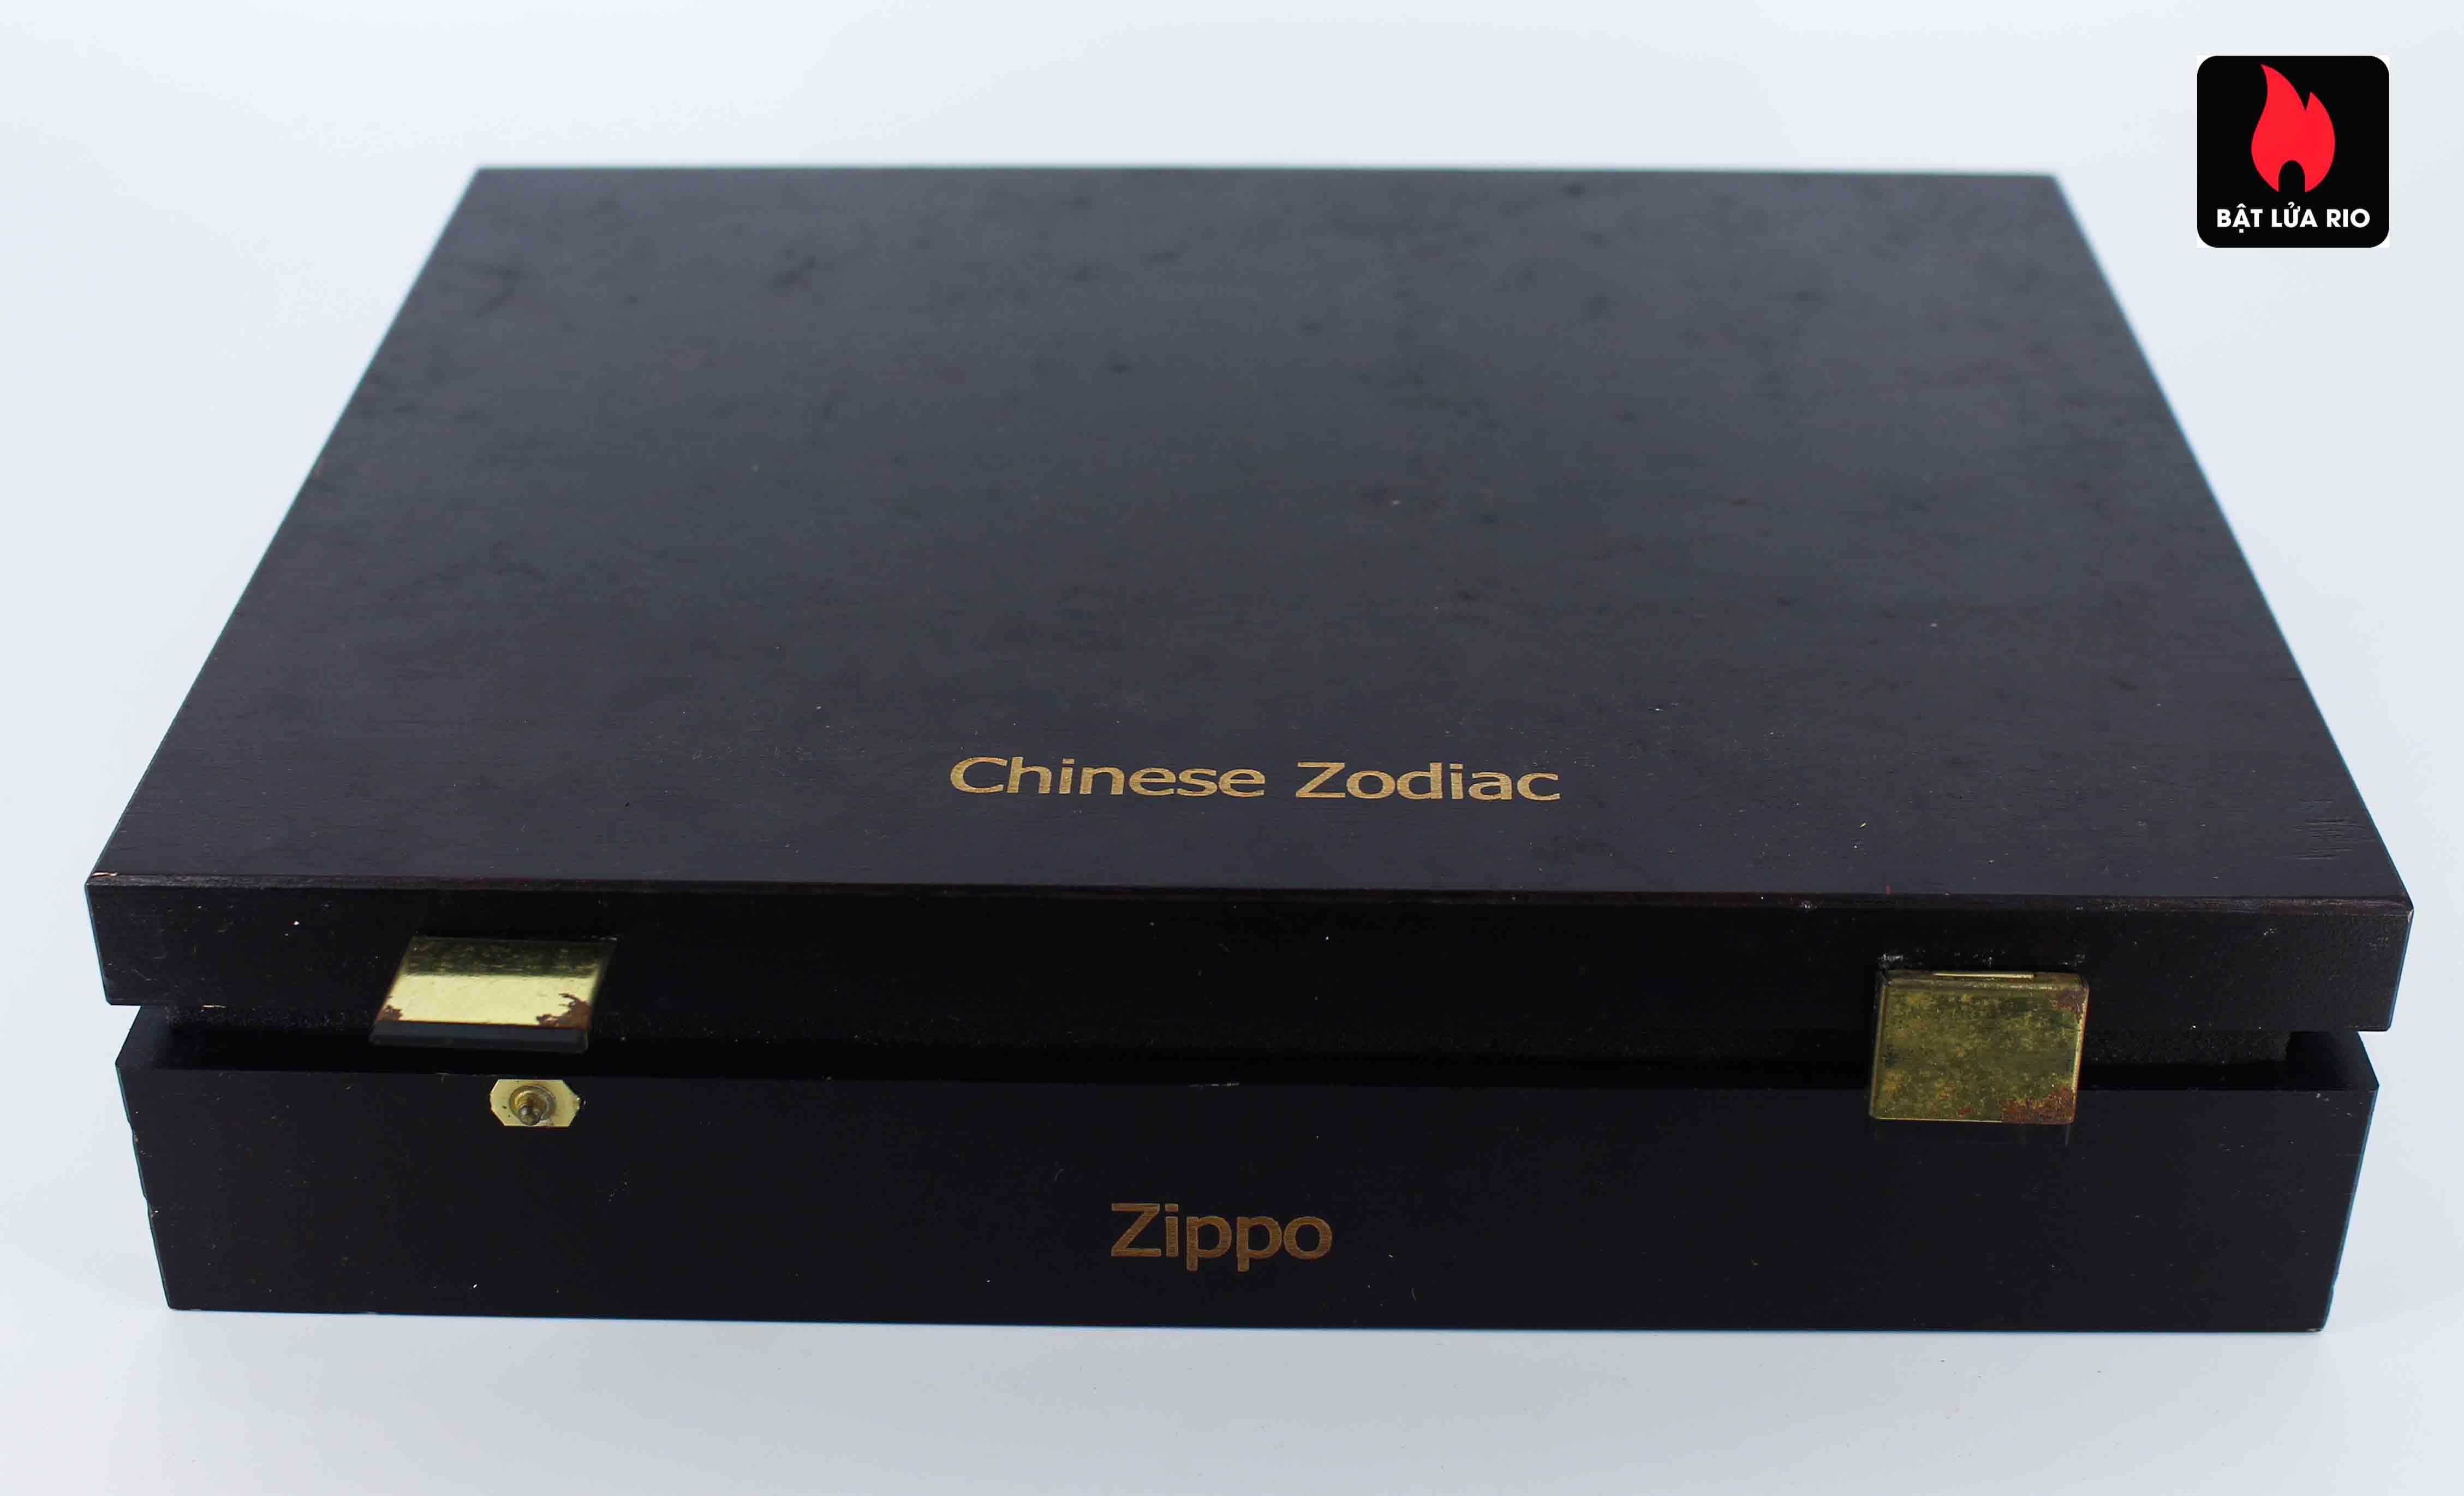 Zippo Set 2015 - Chinese Zodiac - 12 Con Giáp Châu Á 14